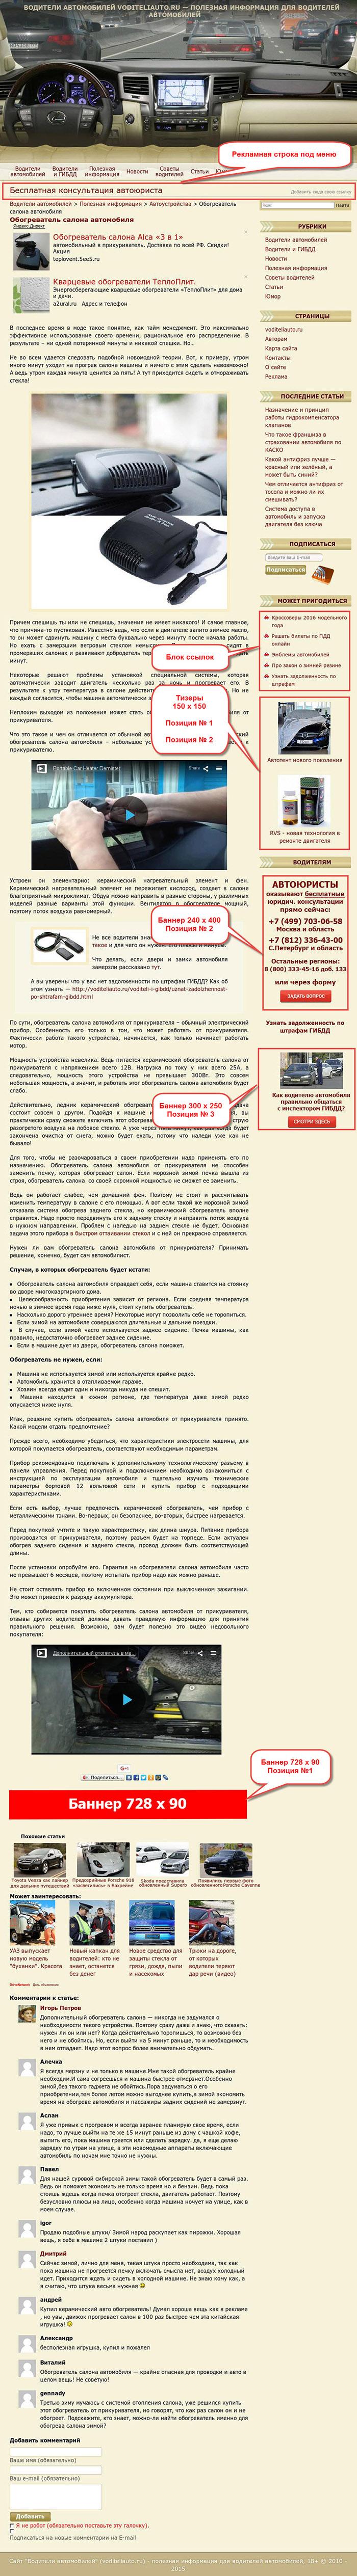 Места размещения рекламных блоков на сайте